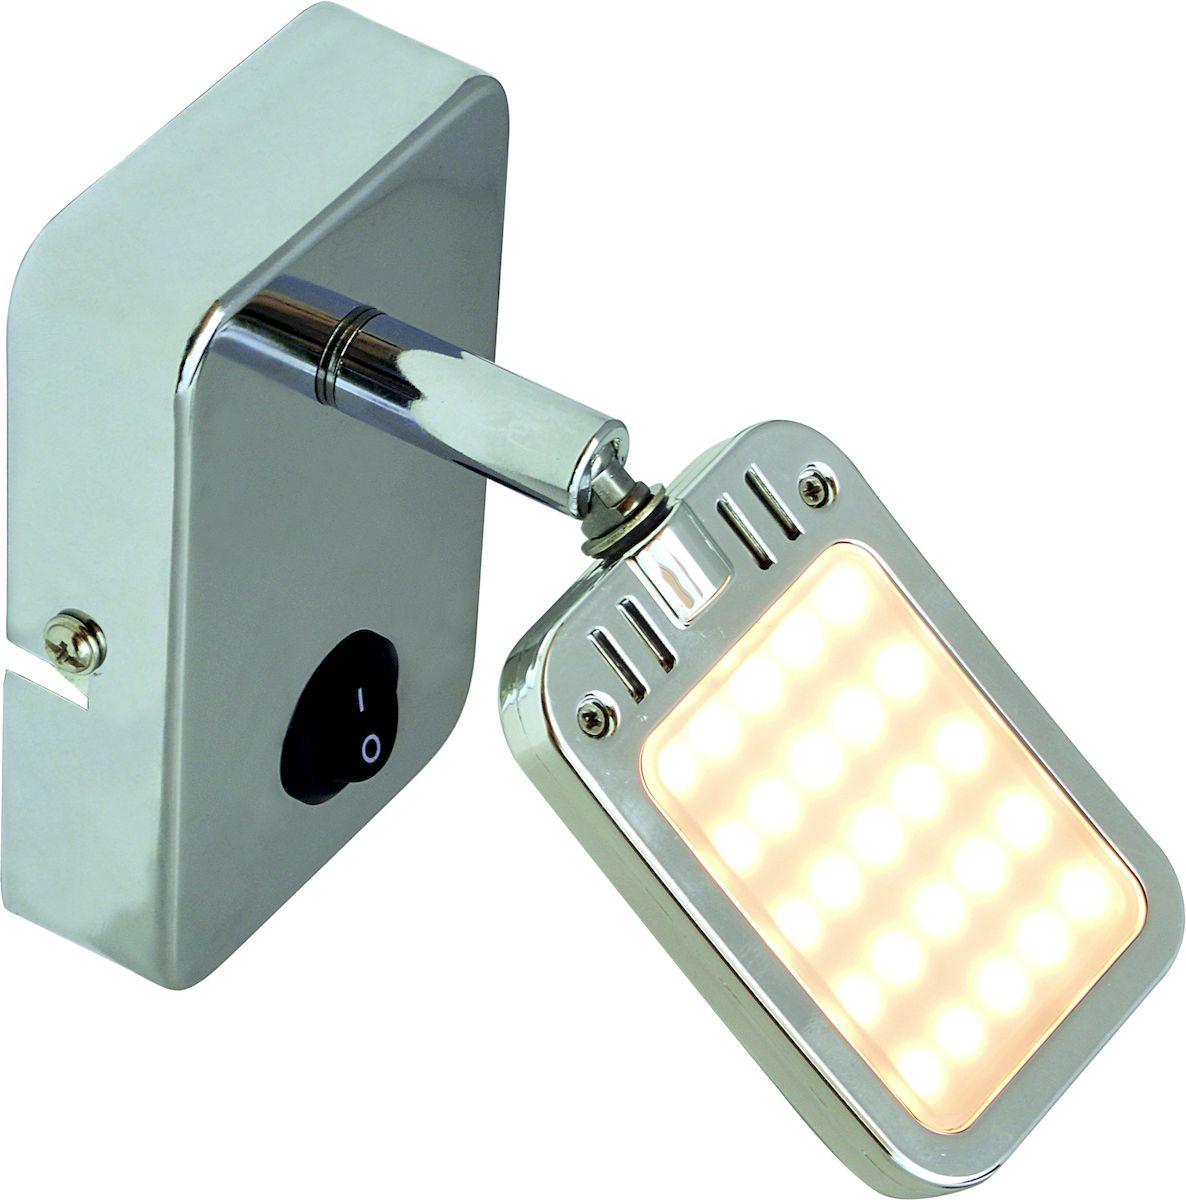 Светильник настенный Arte Lamp RAMPA A9412AP-1CC светильник настенный arte lamp rampa a9412ap 2cc 4650071252318